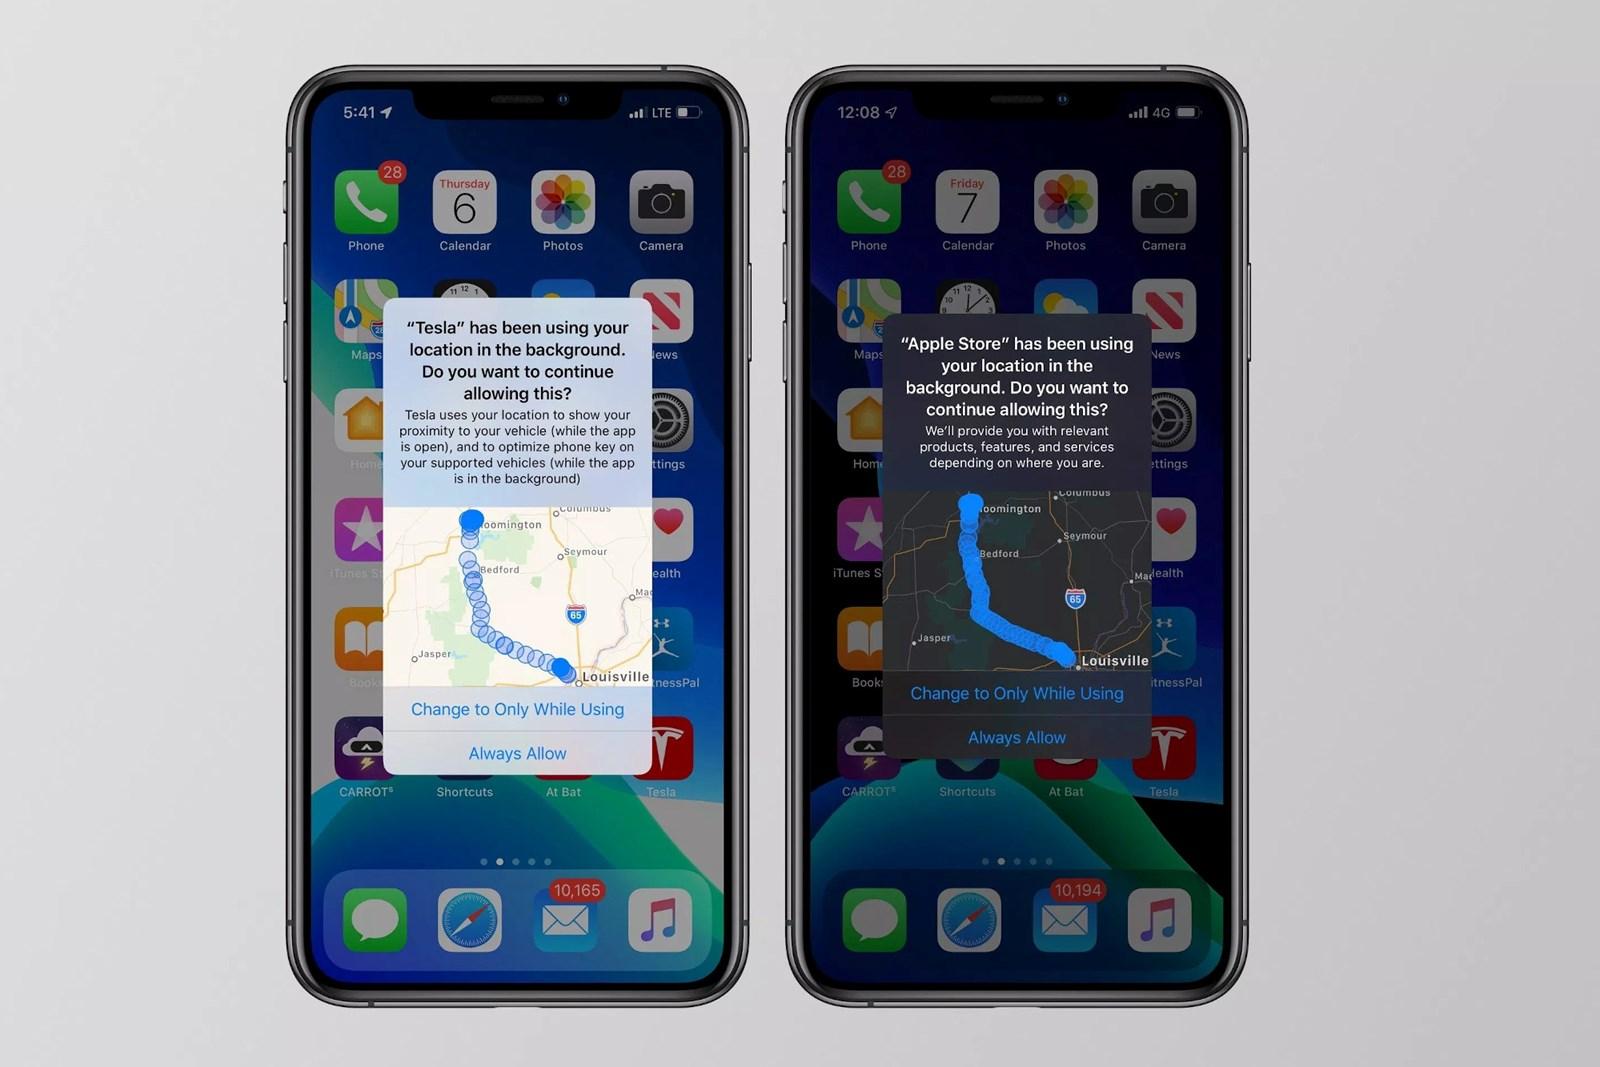 iOS 13 verrät, wo Apps die Nutzer getrackt haben